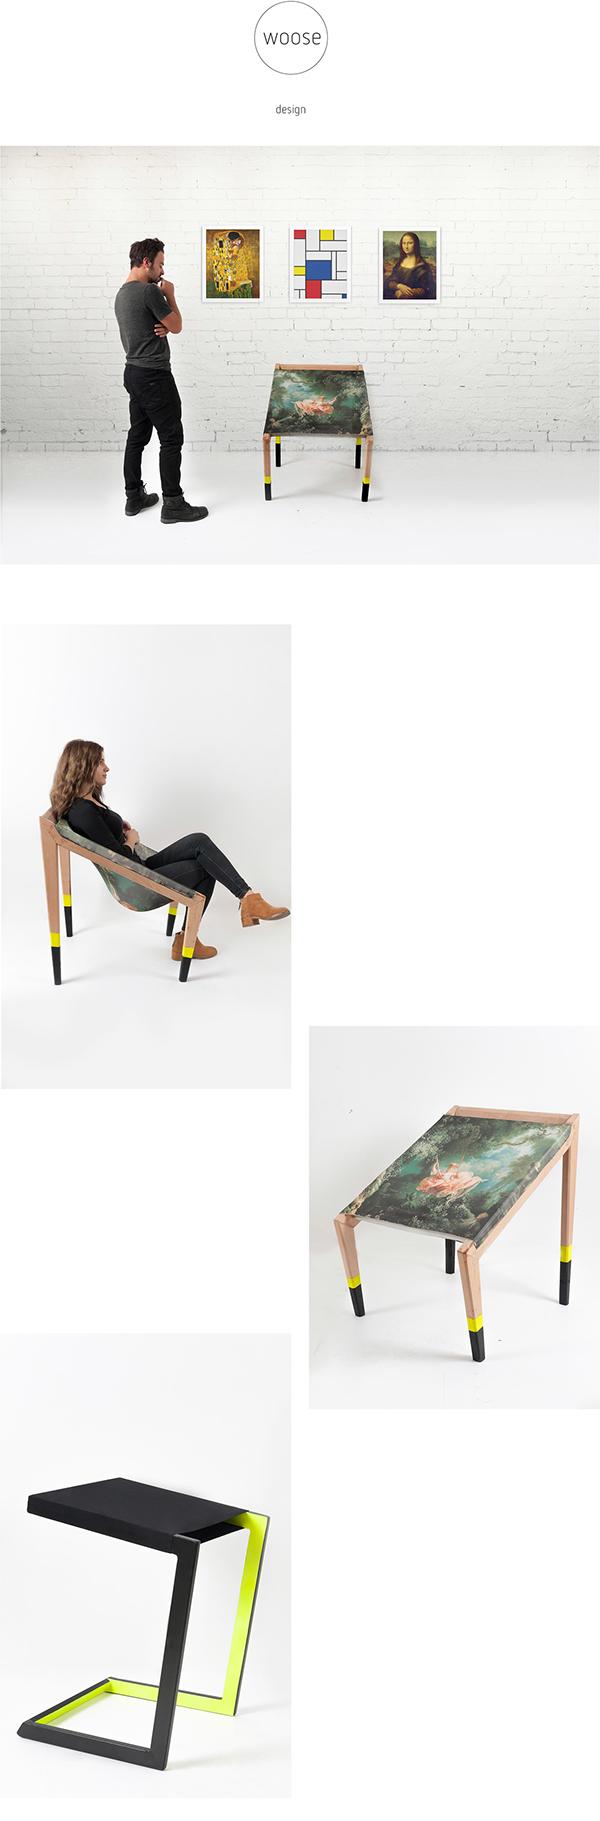 優質的28張椅子設計欣賞